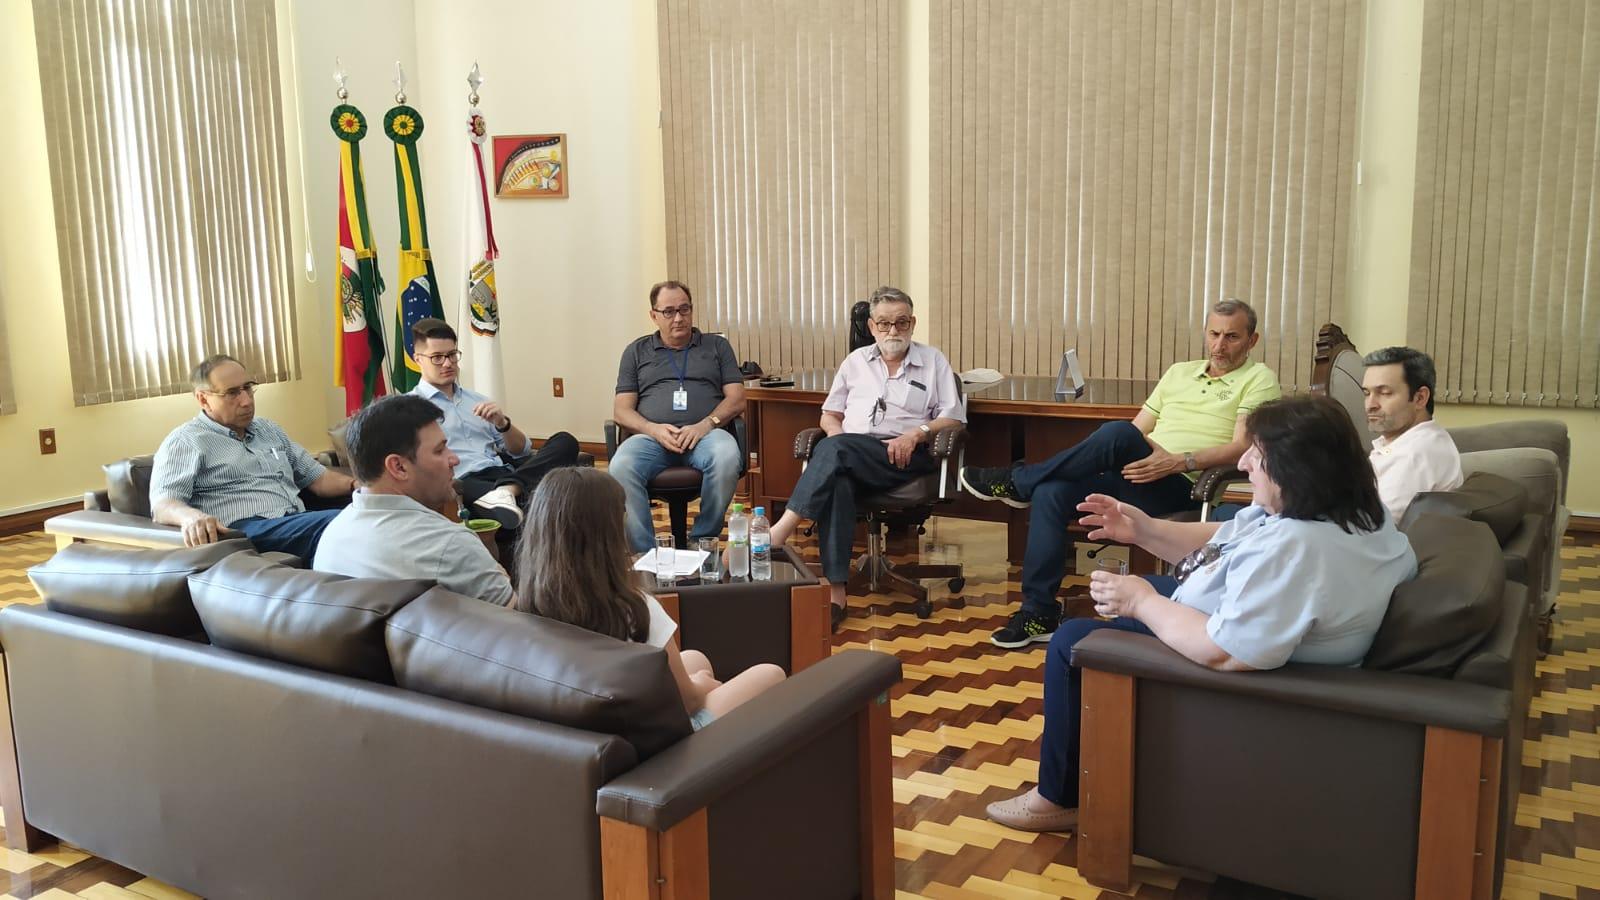 Lideranças discutem convênio entre Hospital de Olhos Lions e a prefeitura de Sarandi